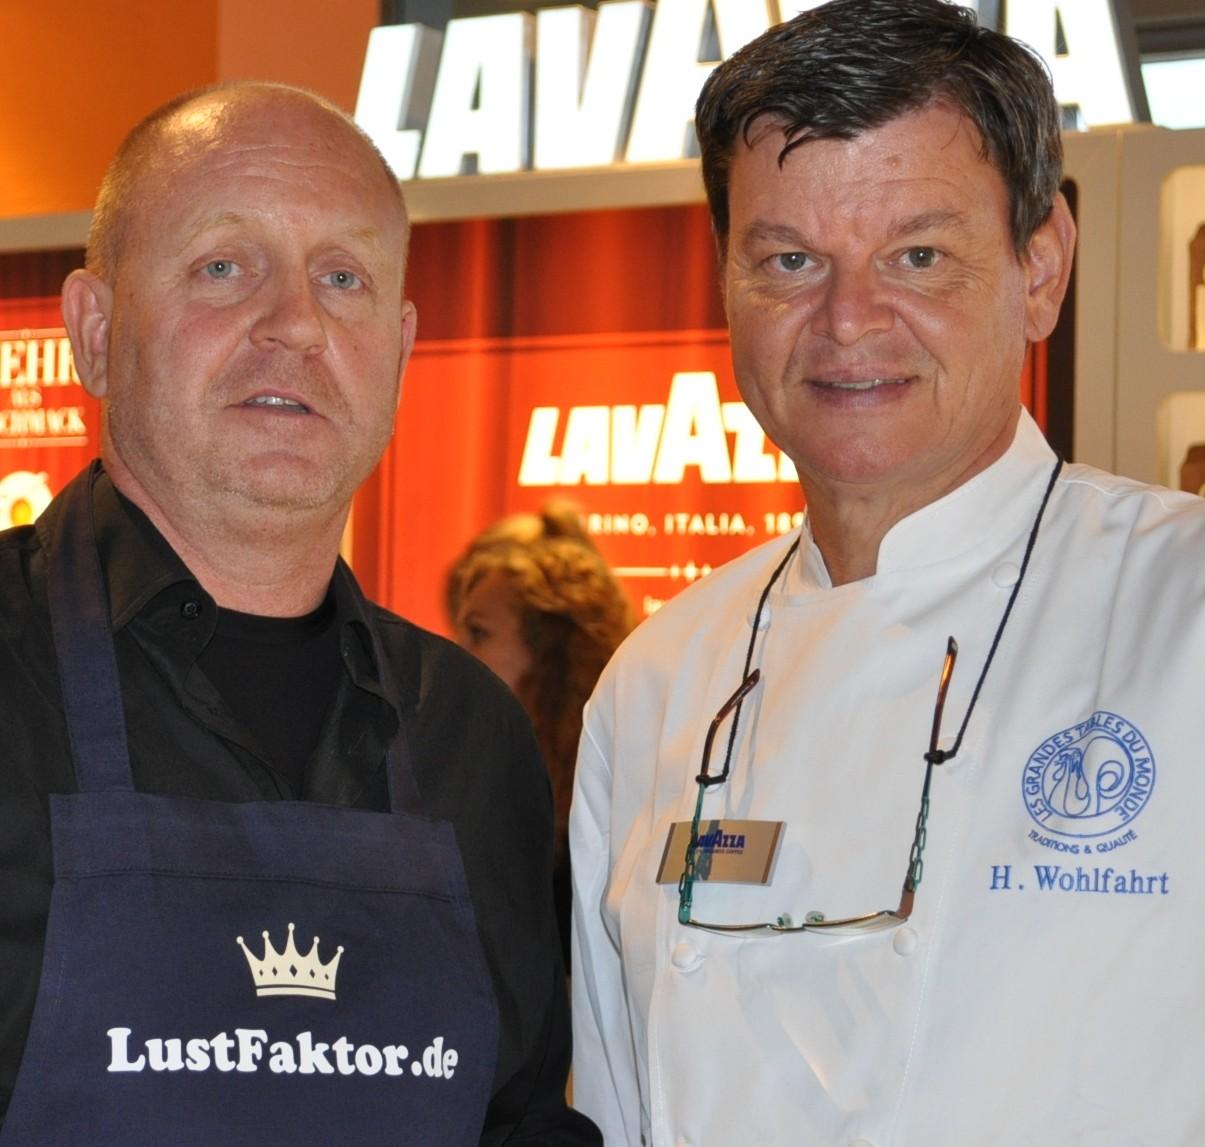 Andreas Conrad von Lustfaktor zusammen mit 3-Sternekoch Harald Wohlfahrt. Bei ihm hat auch Anton Gschwendtner weitere Fachkenntnissse erlangt.